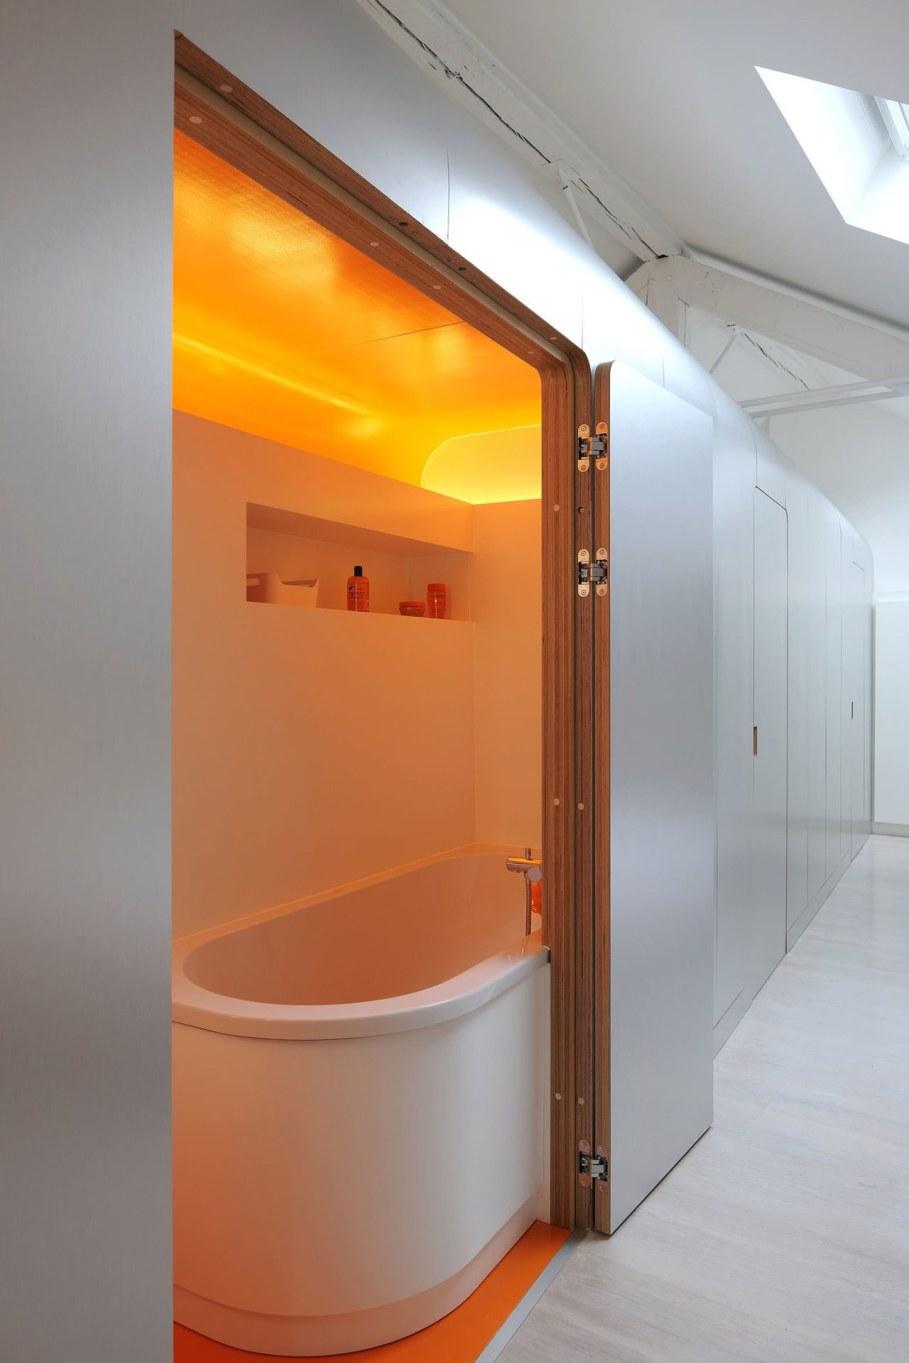 Creative Apartment Design from Dethier Architectures - Orange Bathroom 3